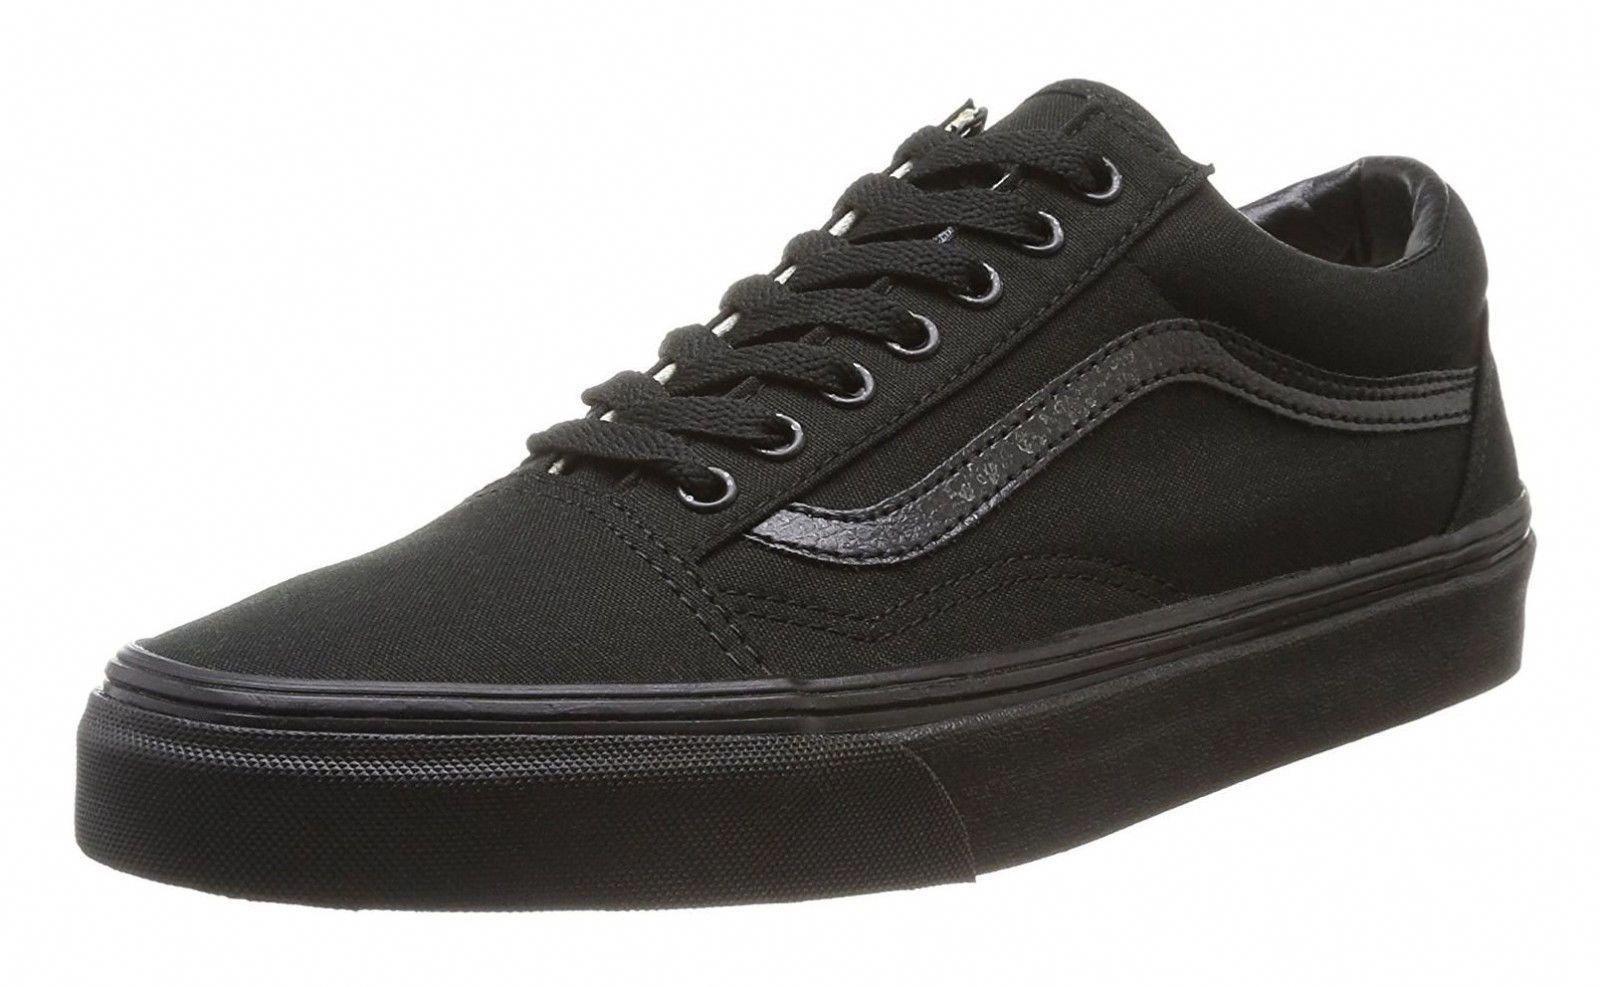 best sneakers 3f60f 8e78b Vans Old Skool Classic Black Black Womens Sneakers Tennis Shoes  Sneakers